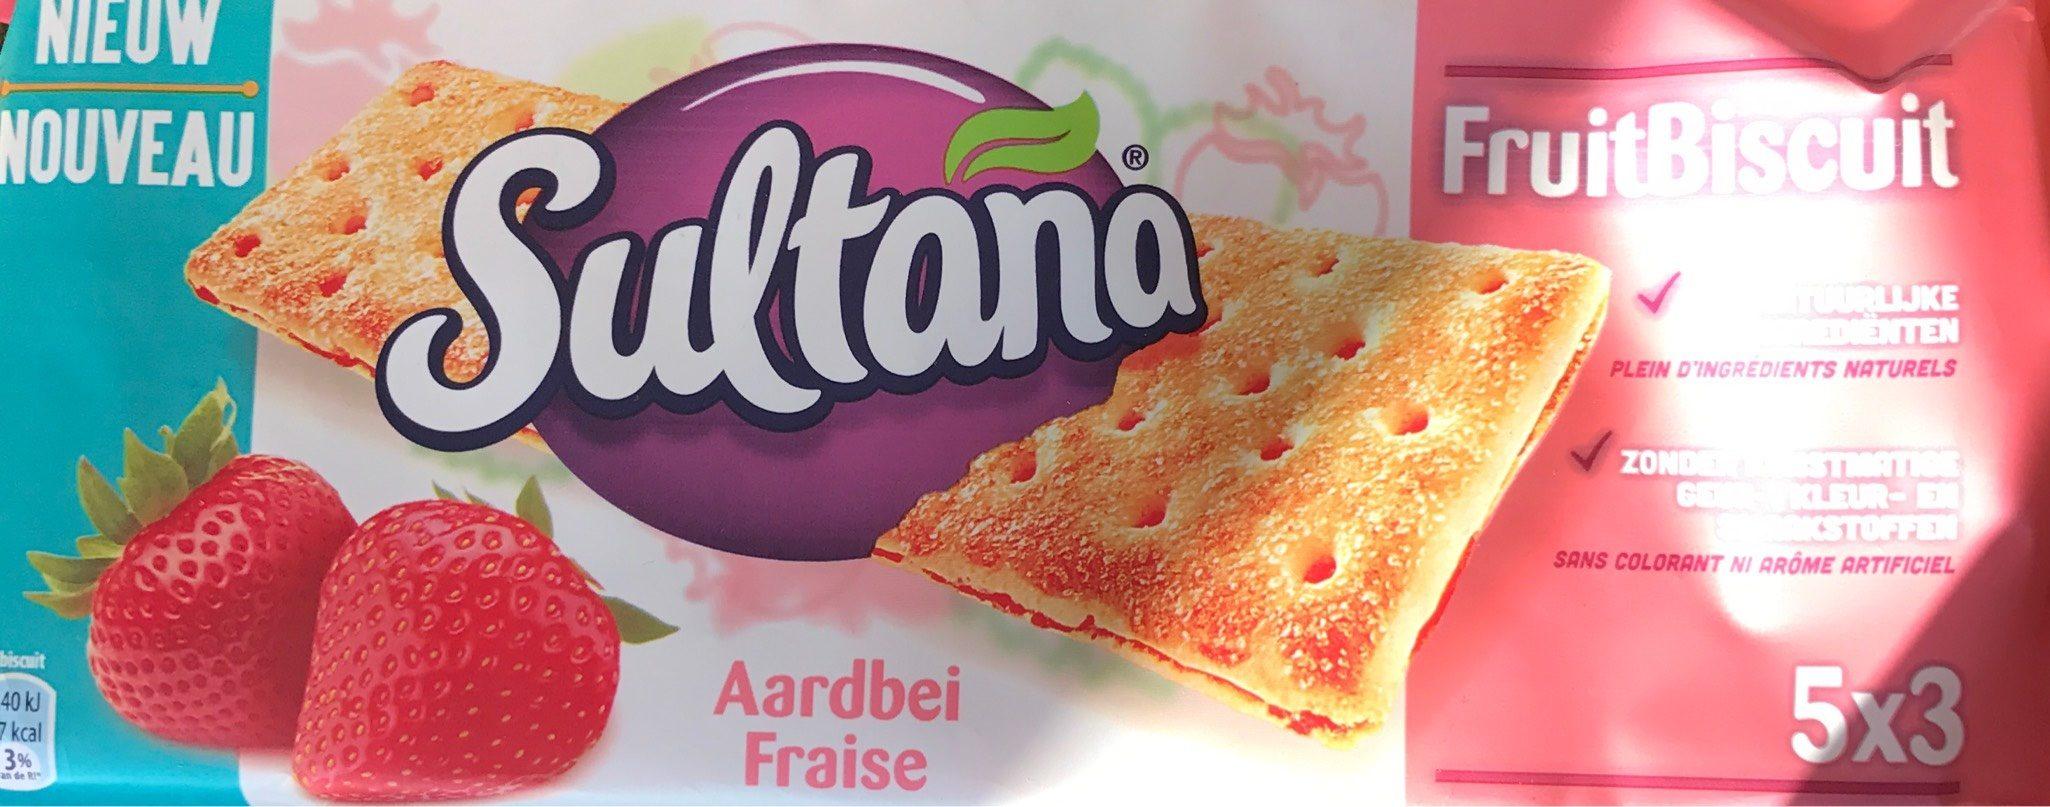 FruitBiscuit Fraise - Produit - fr